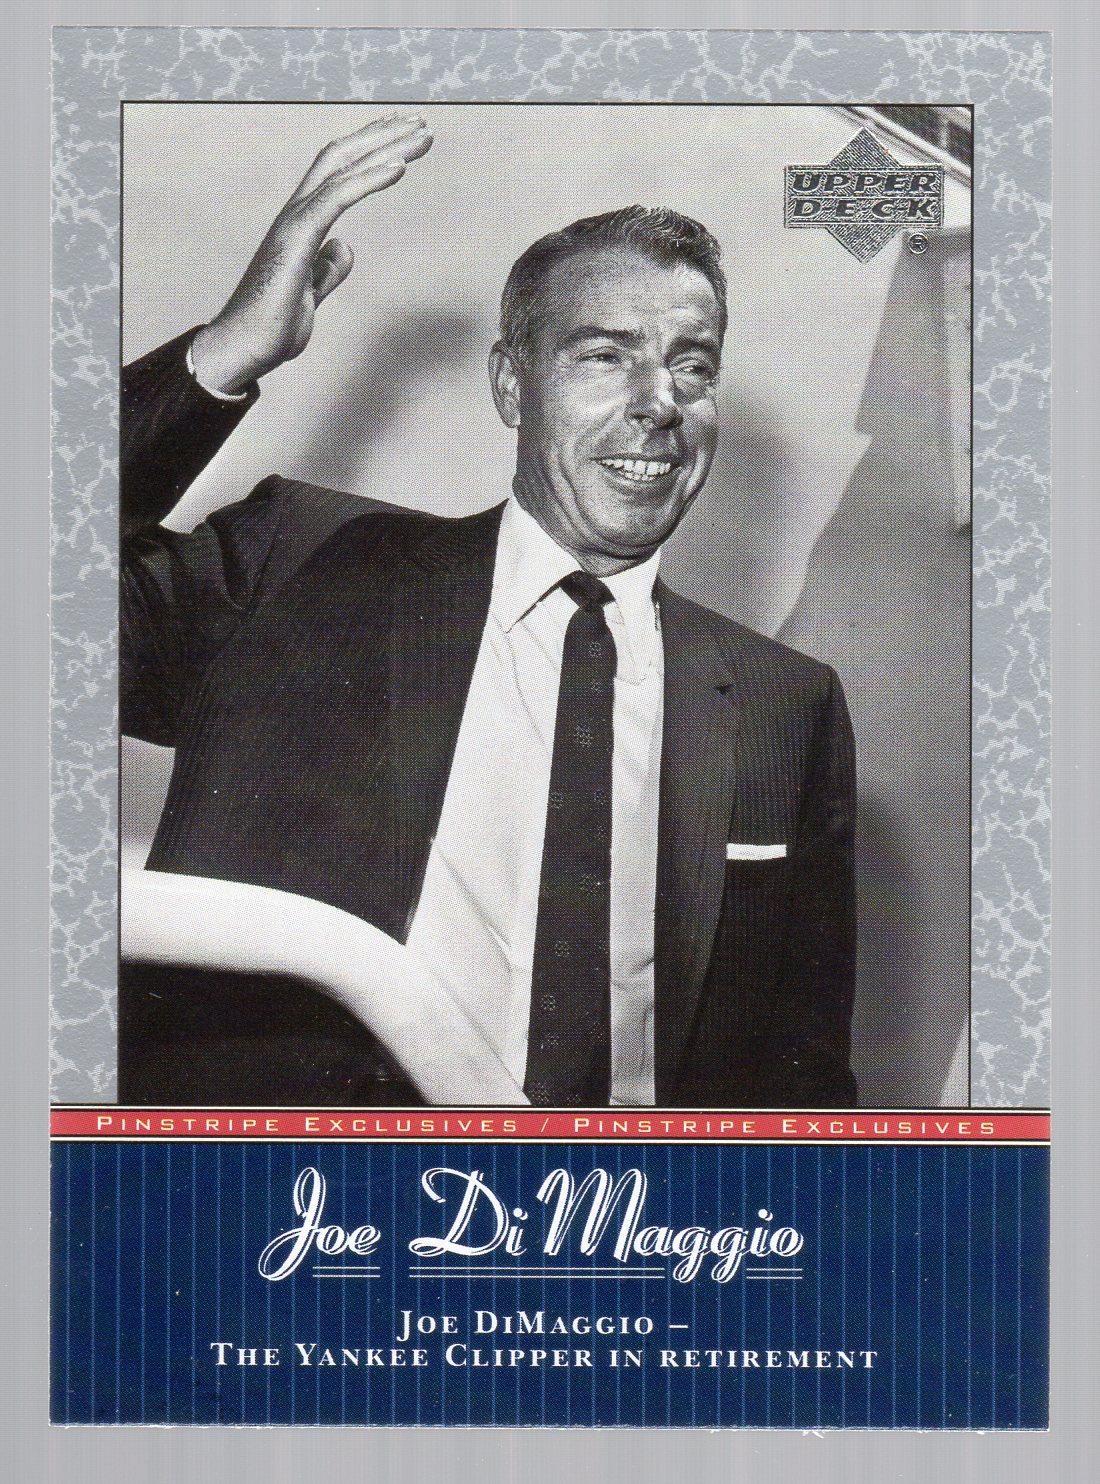 2001 Upper Deck Pinstripe Exclusives DiMaggio #JD44 Joe DiMaggio